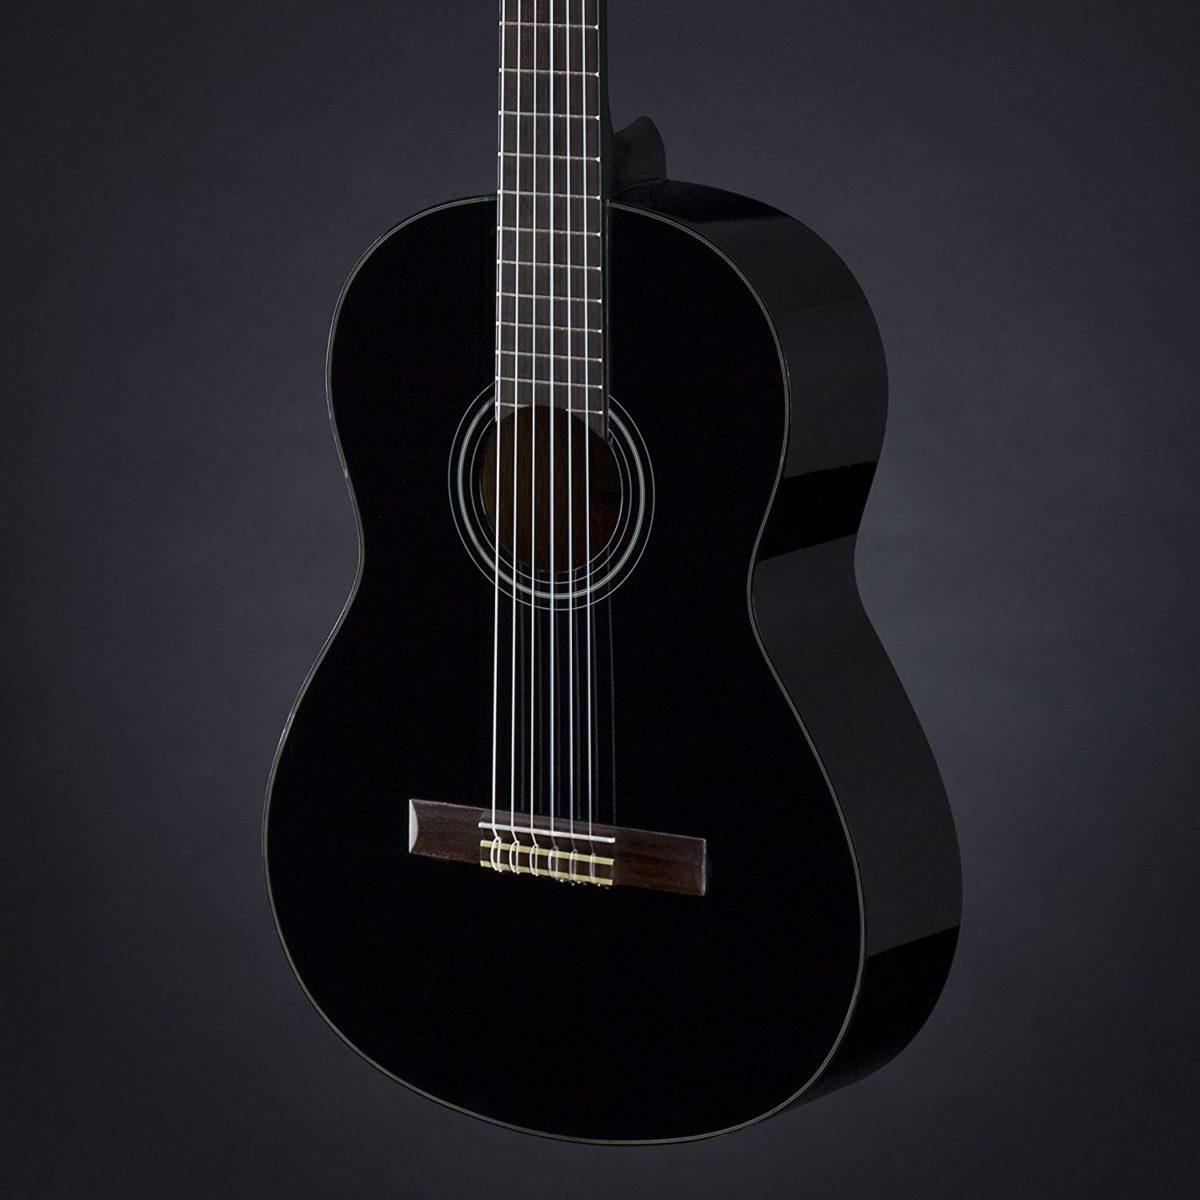 Guitare classique Yamaha C40 - adulte - Idéal débutant